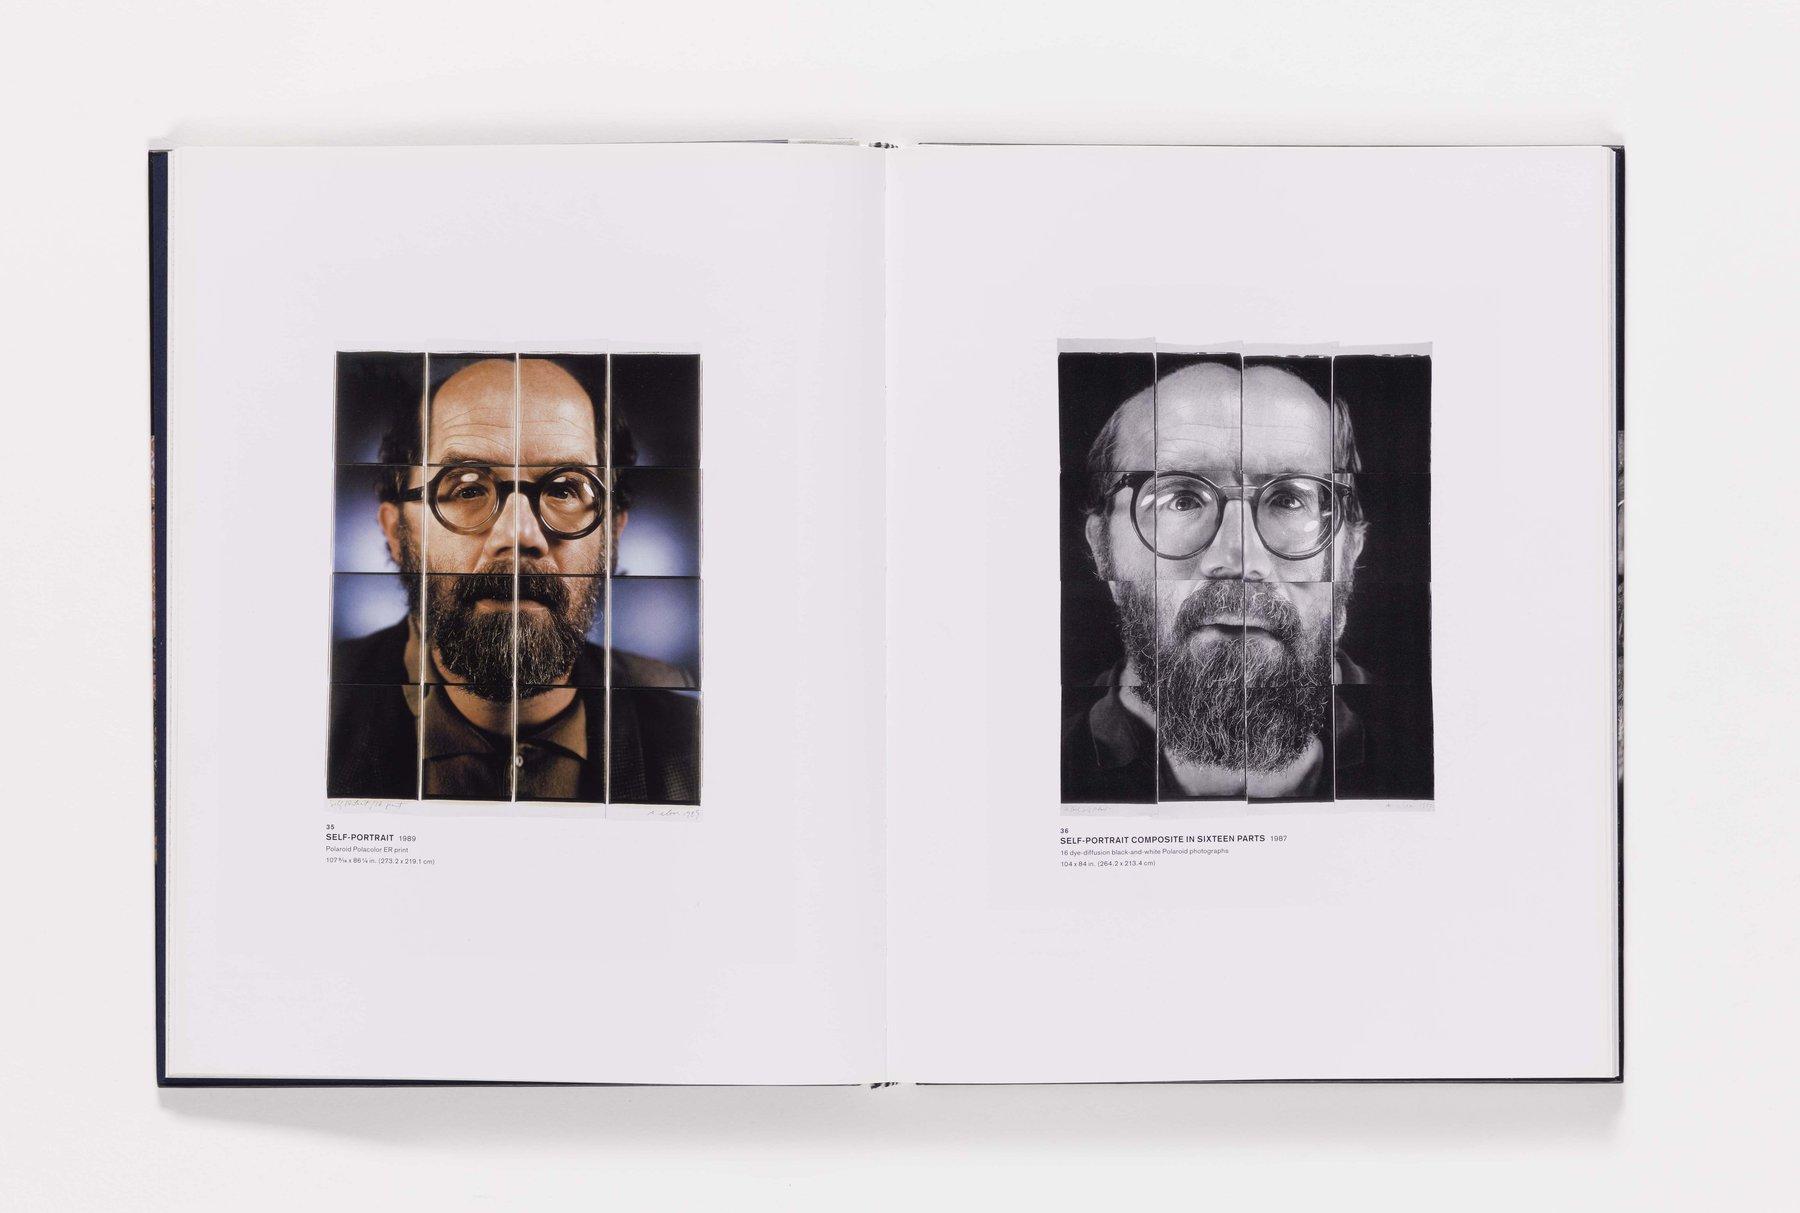 Chuck Close Self-Portraits publication pages 35_36